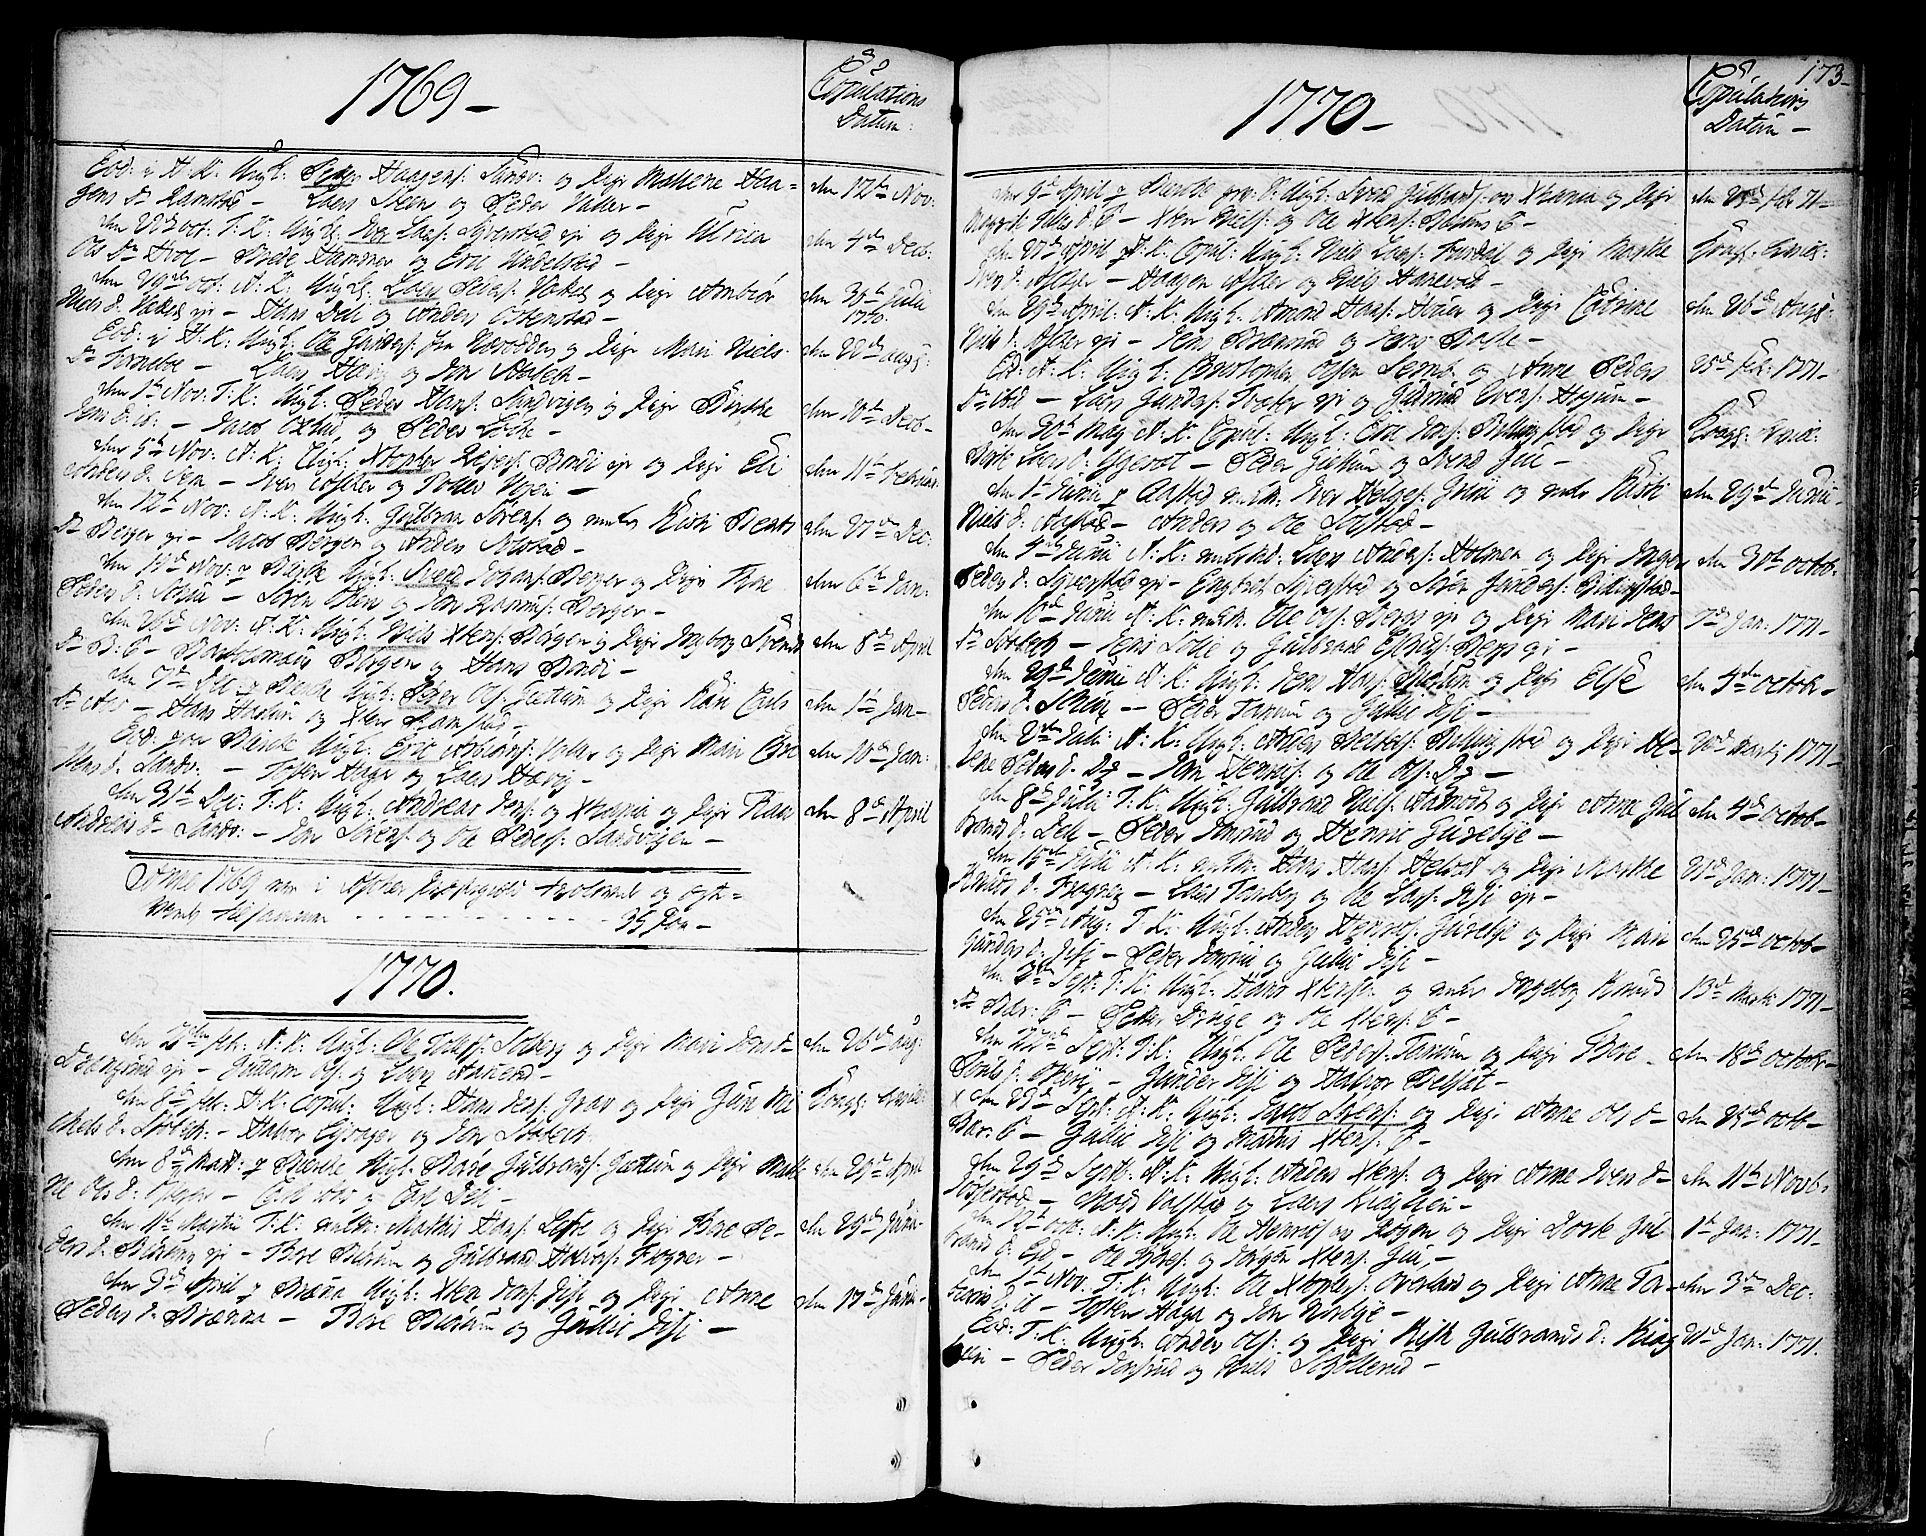 SAO, Asker prestekontor Kirkebøker, F/Fa/L0003: Ministerialbok nr. I 3, 1767-1807, s. 173